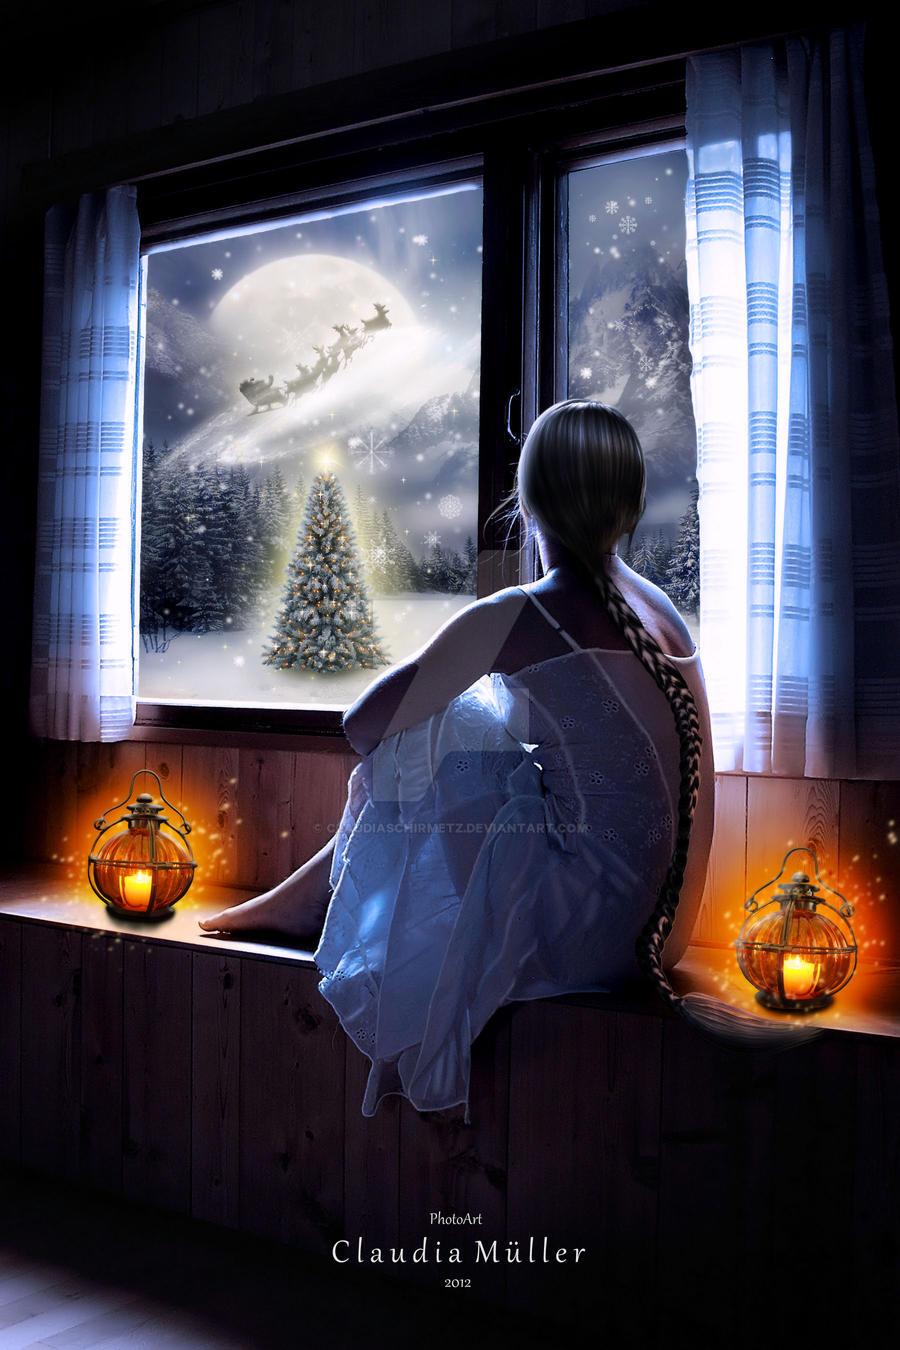 Merry Christmas 2012 by ClaudiaSchirmetz